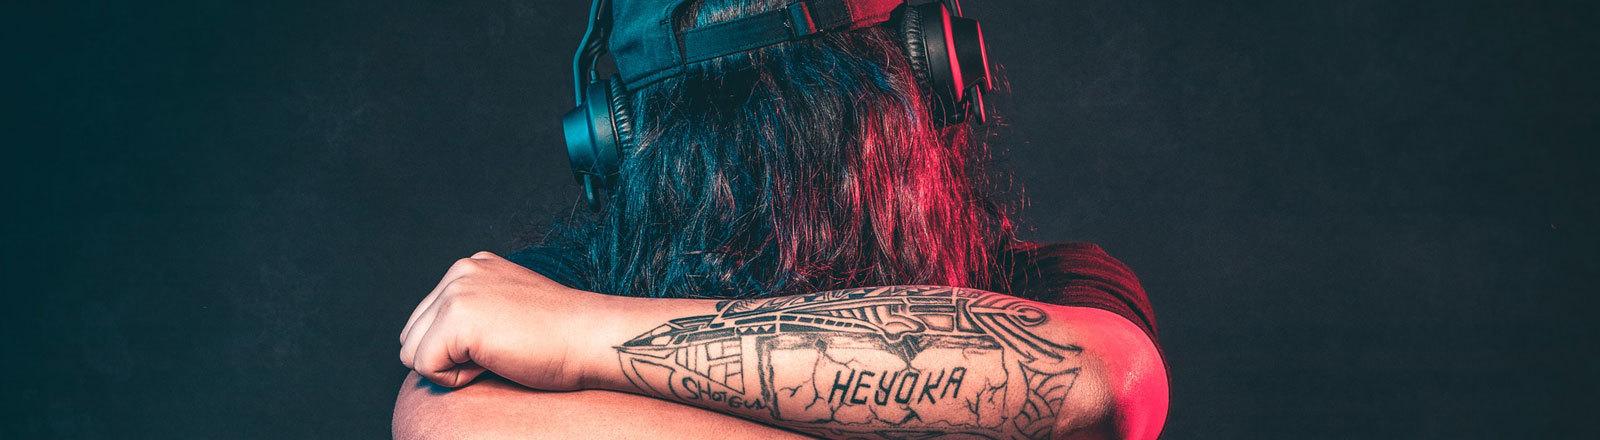 Typ mit Kopfhörer und Tattoo